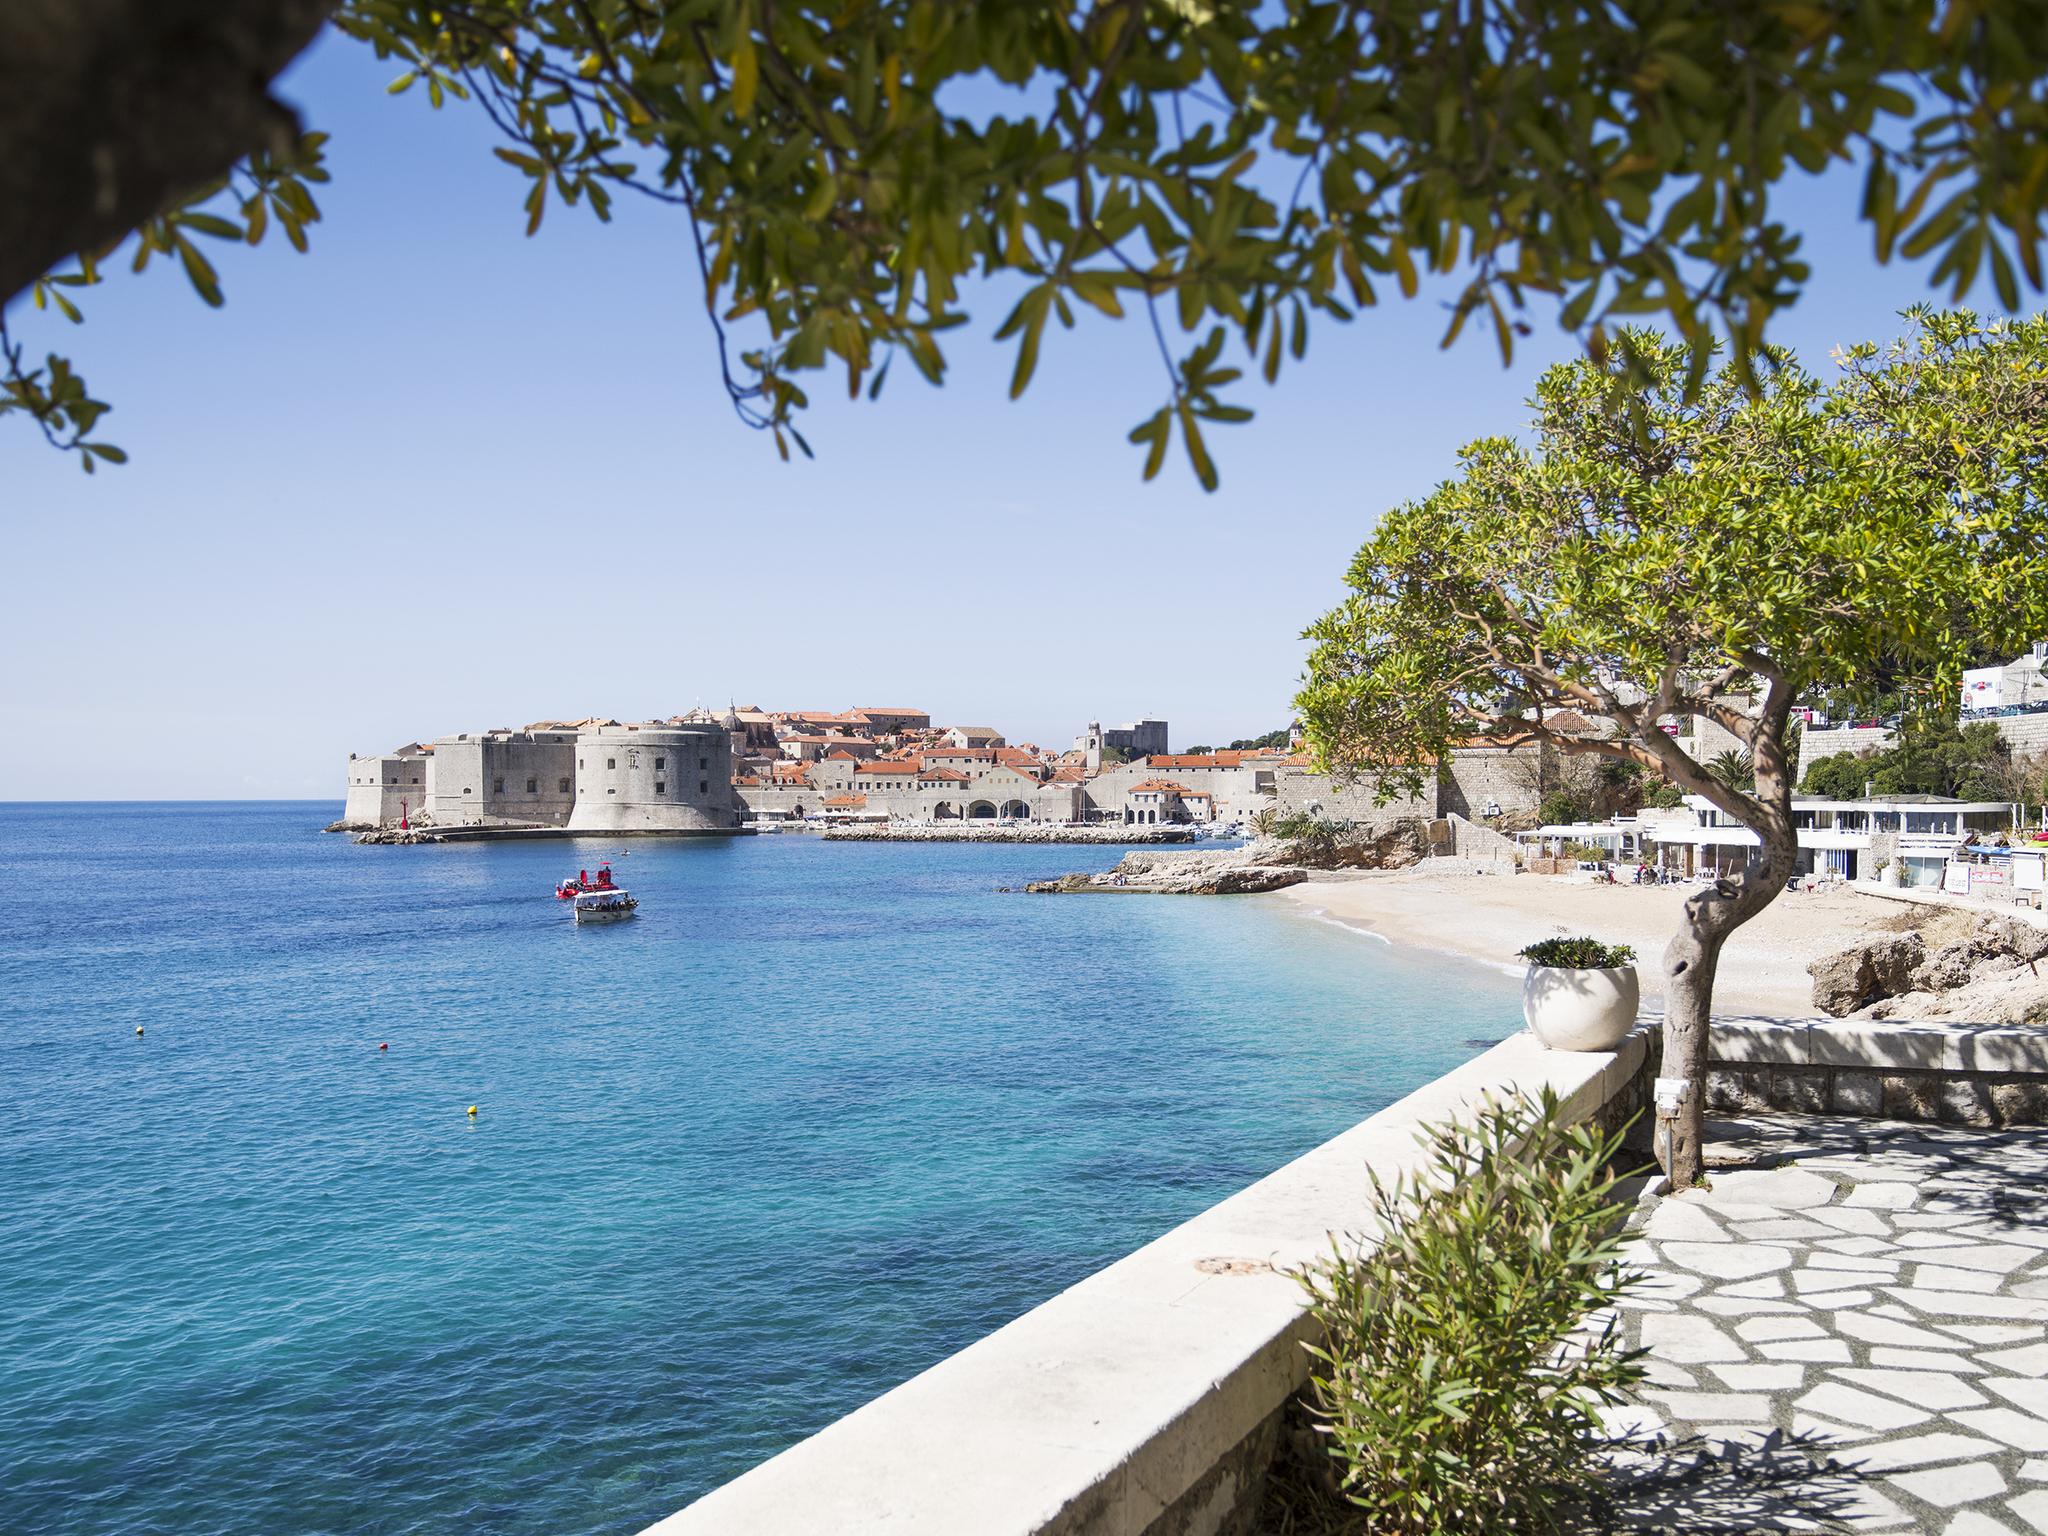 Paseo con la ciudad de Dubrovnik al fondo.